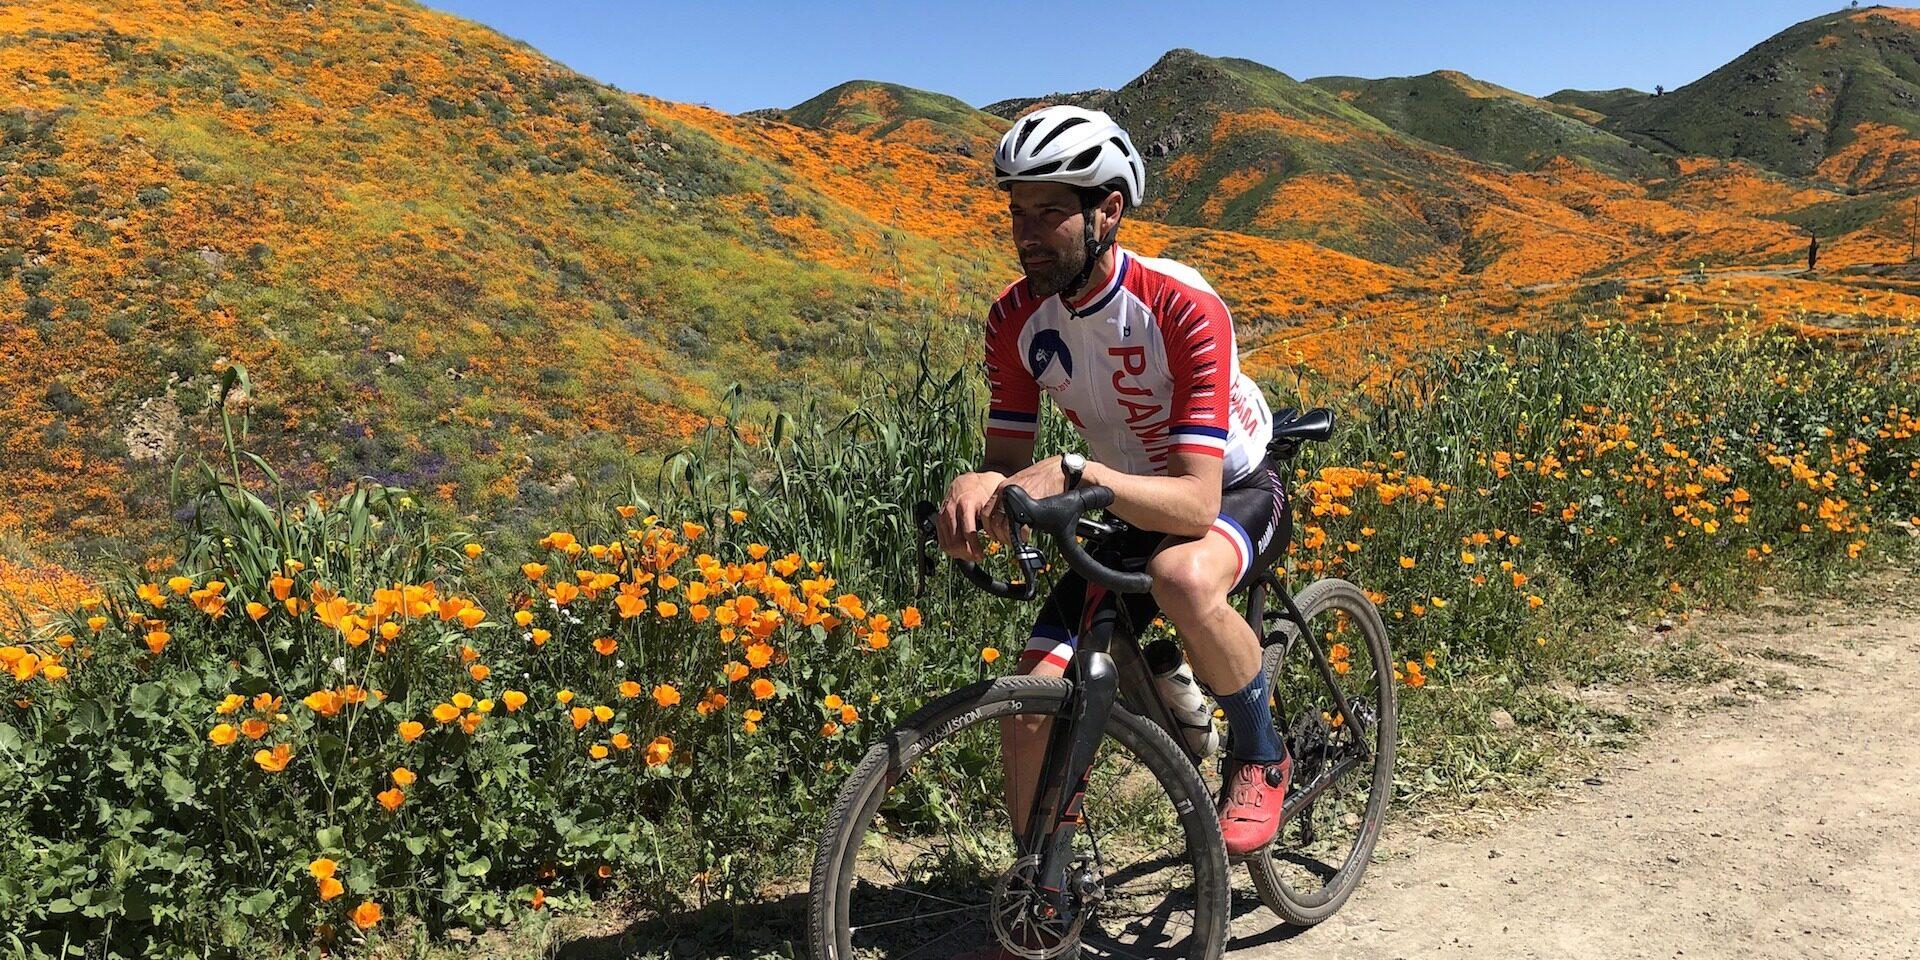 TD sportswear pro 800 fietskleding foto